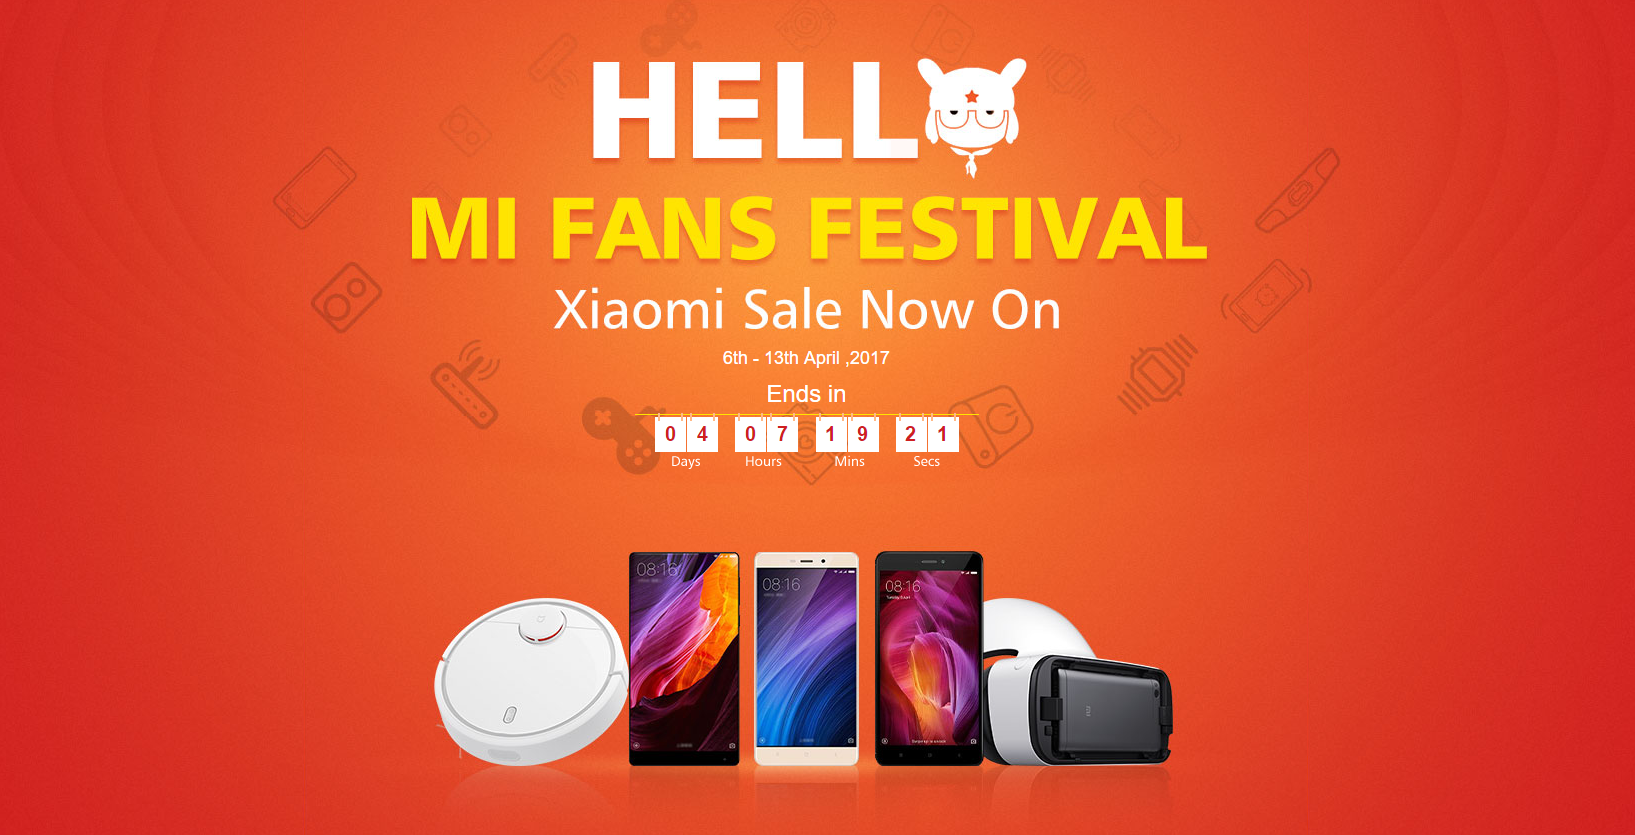 Slevy na produkty Xiaomi právě nyní u Geekbuying.com [sponzorovaný článek]